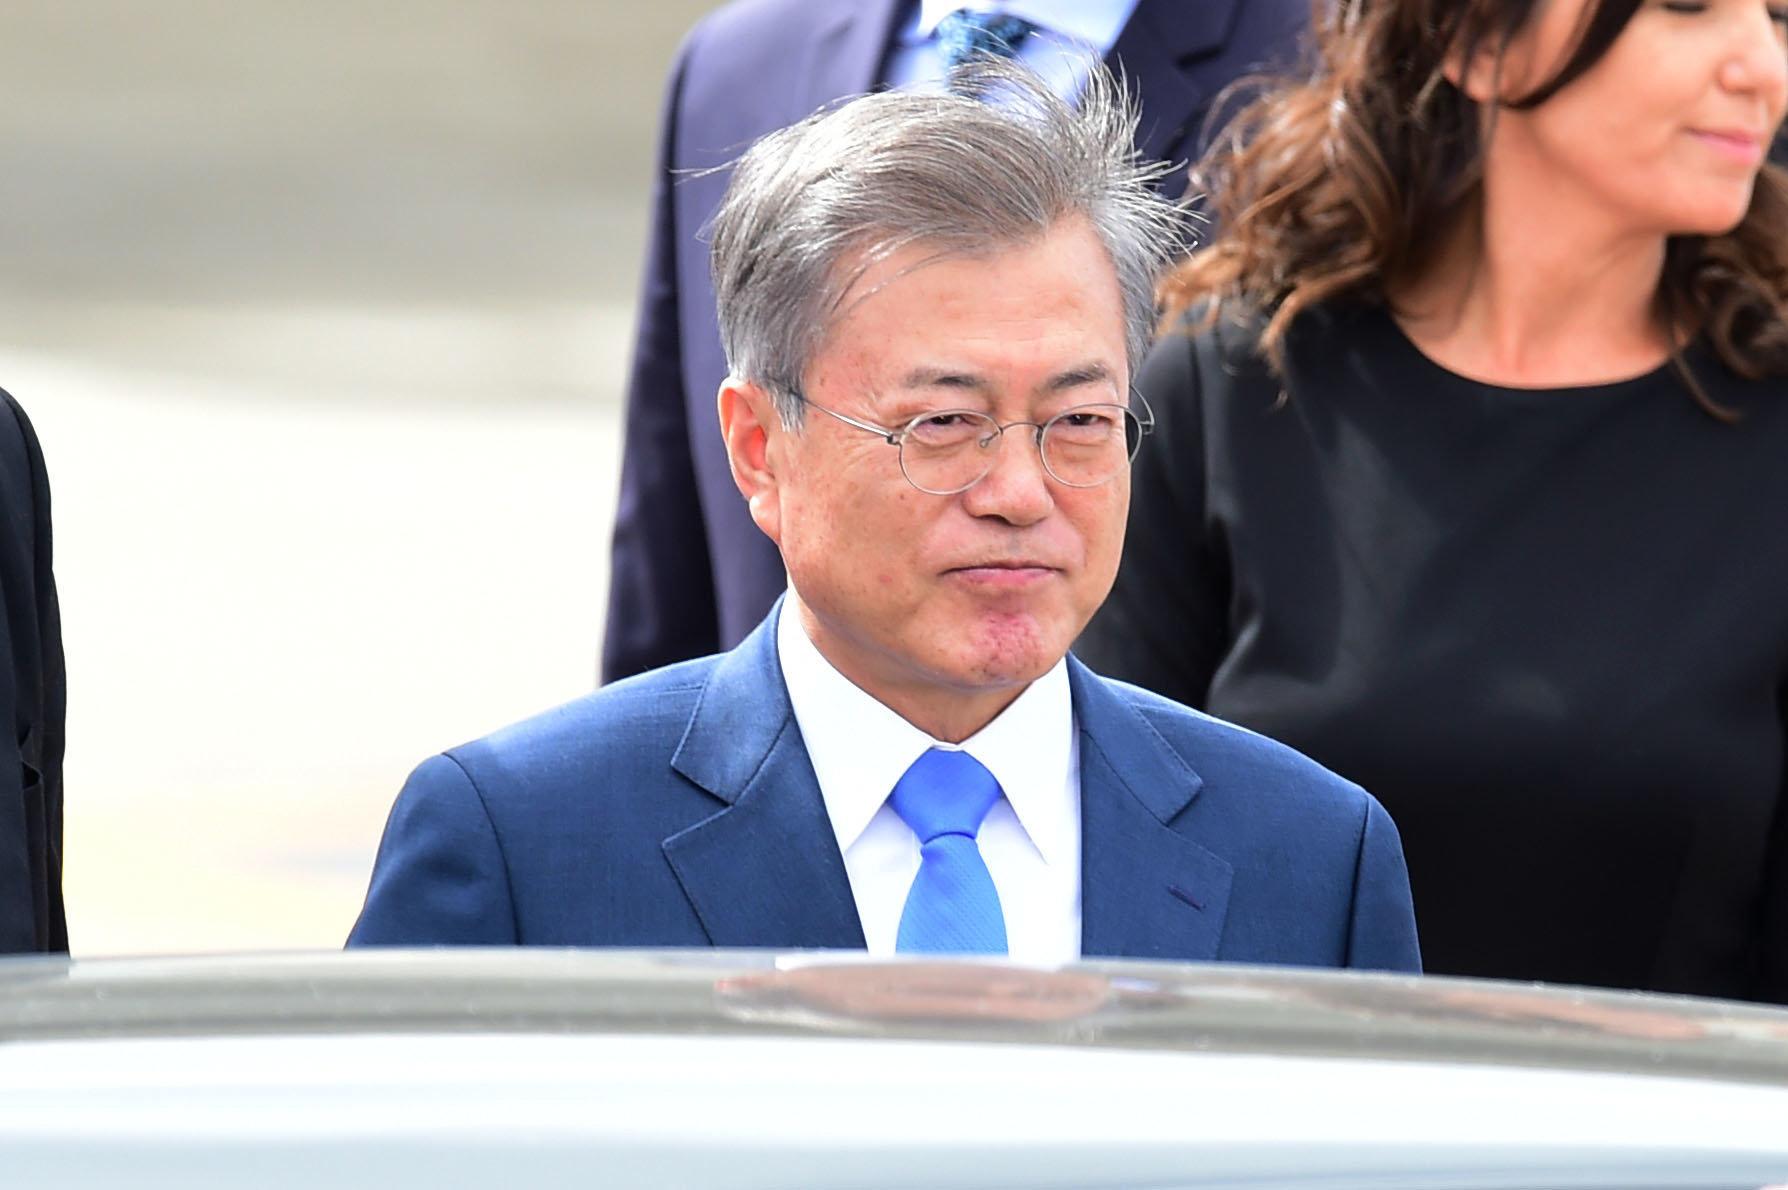 문대통령이 조국 민정수석 사퇴 주장들을